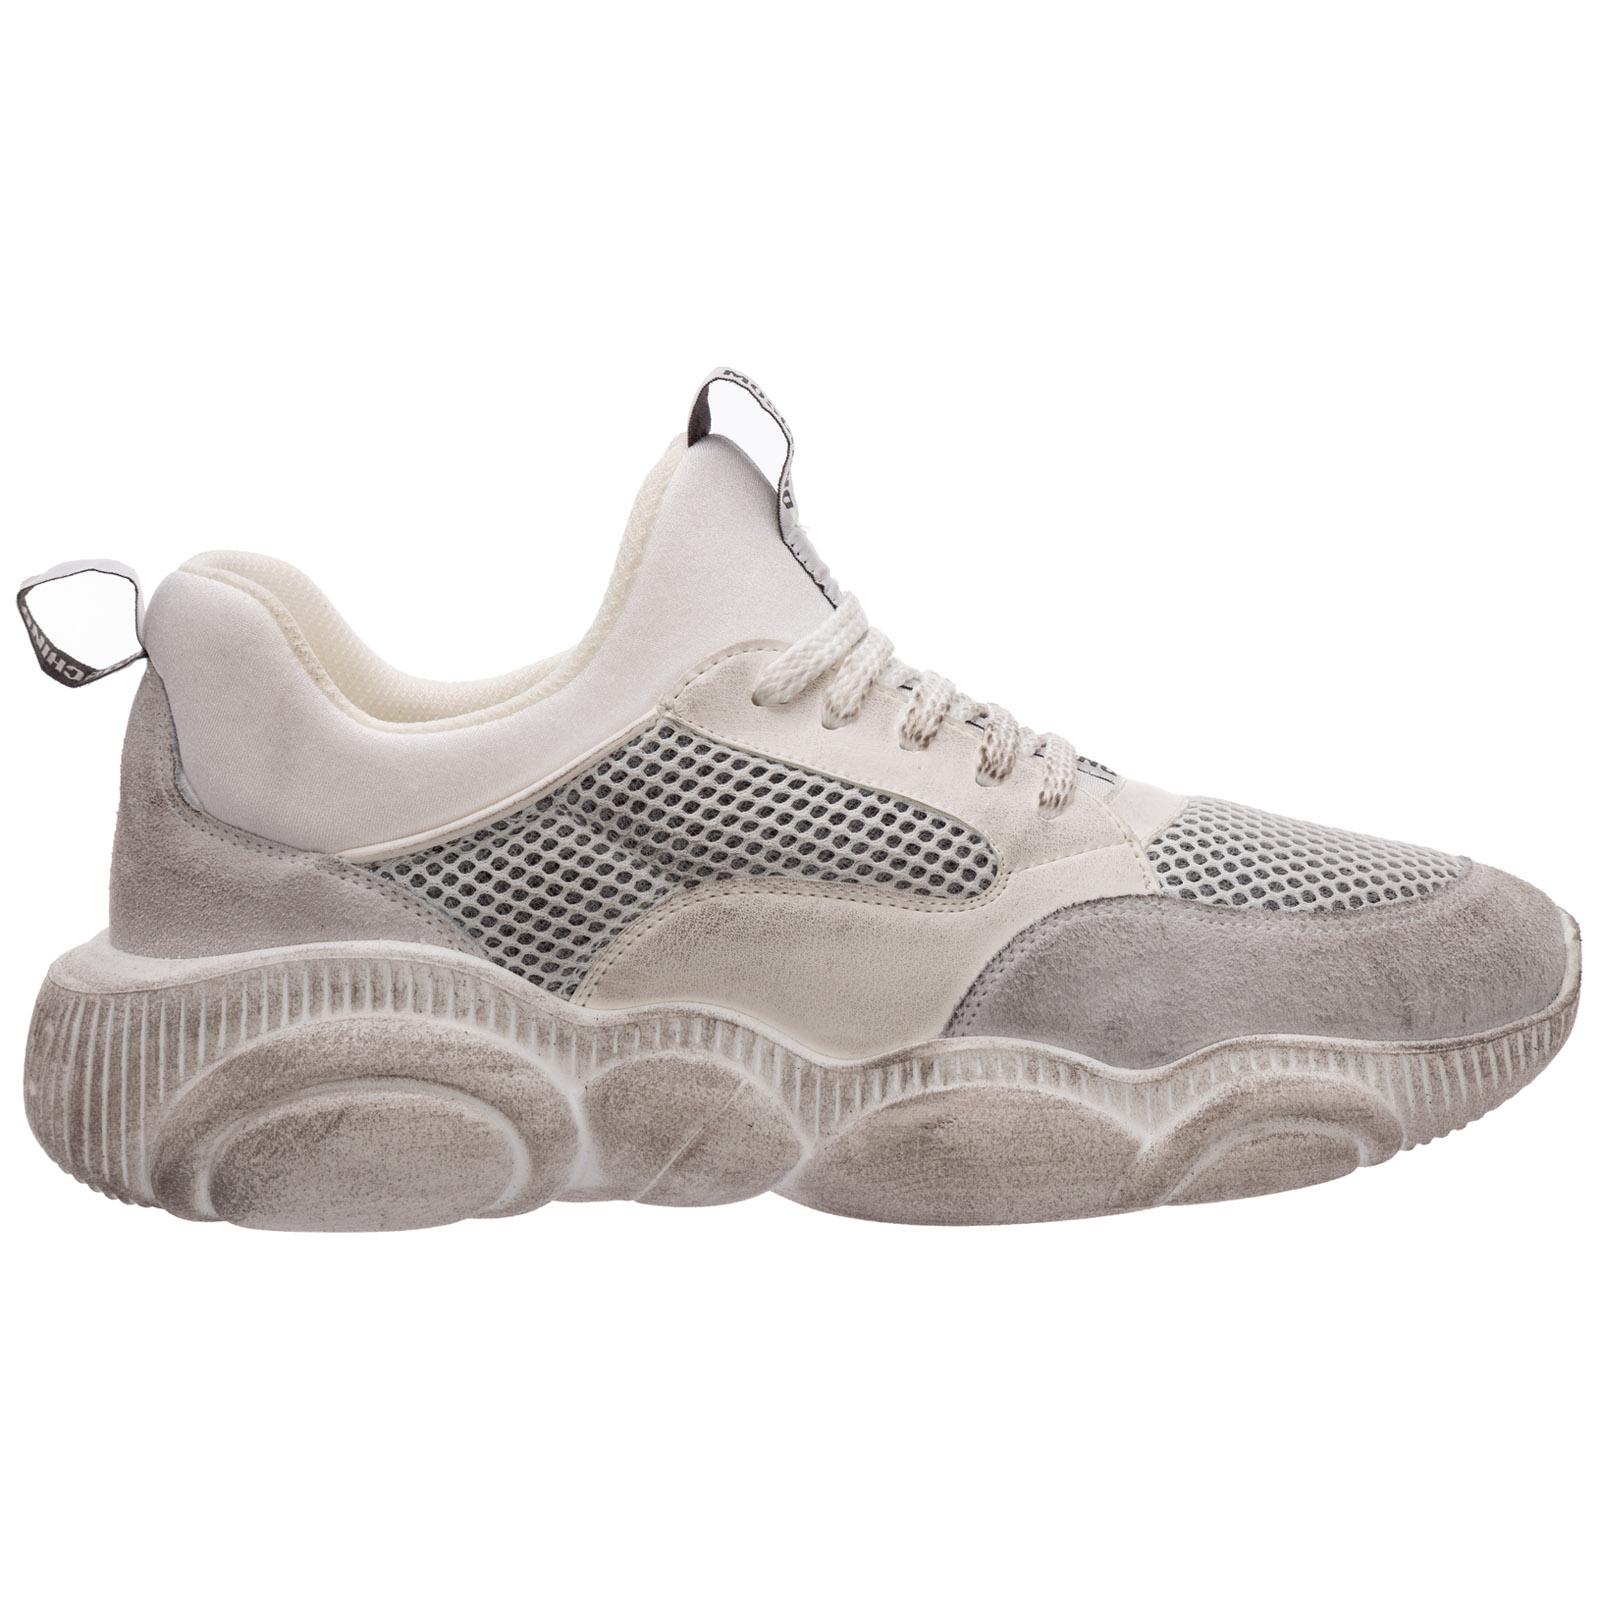 Scarpe sneakers donna in pelle teddy